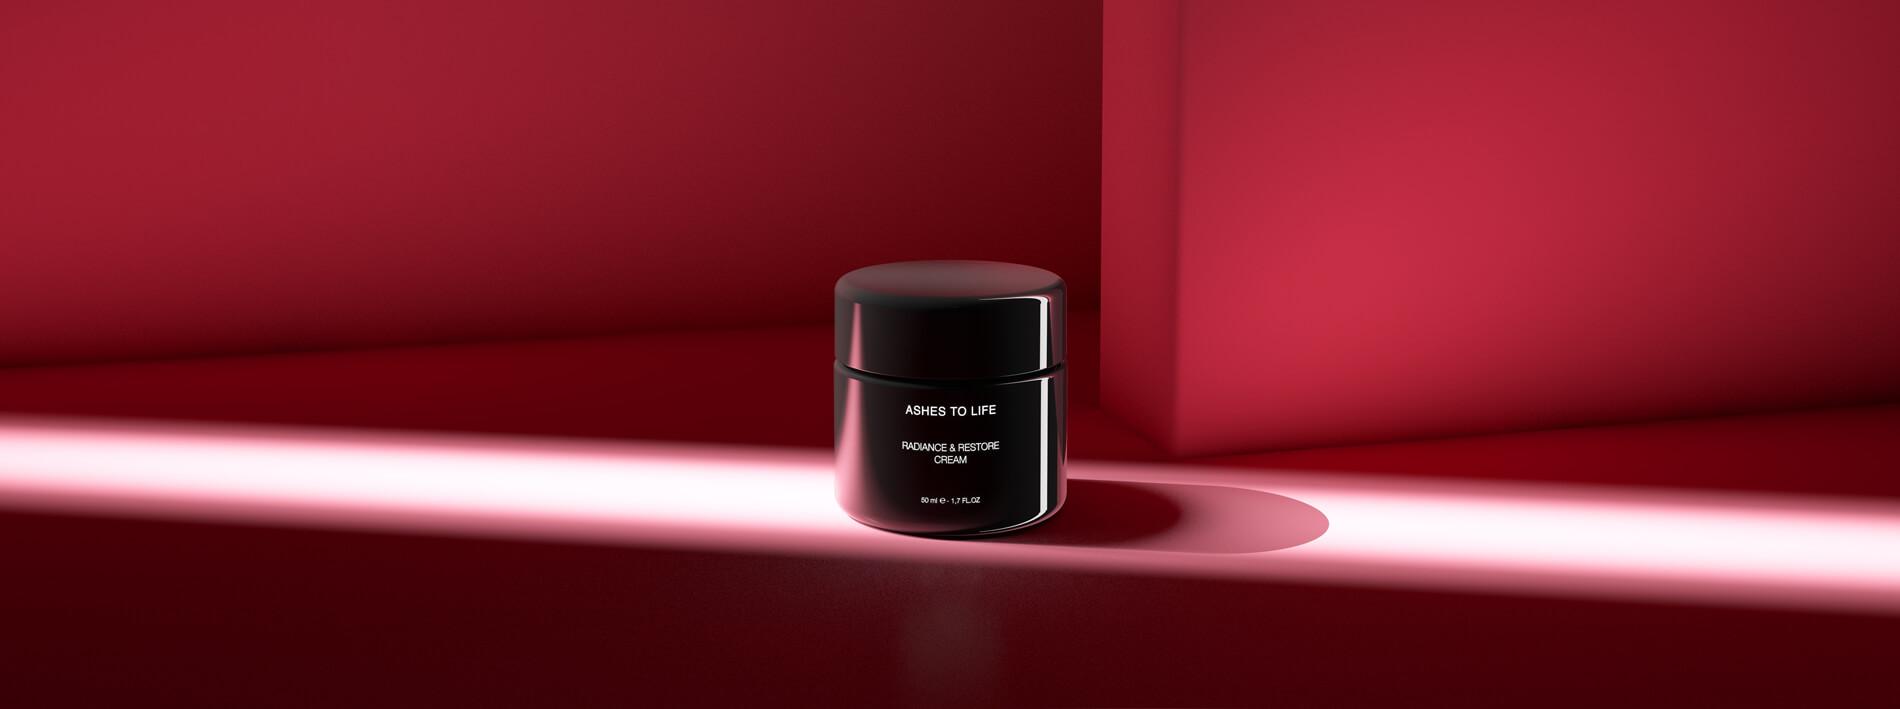 cosmetico-ecologico-radiance-granada